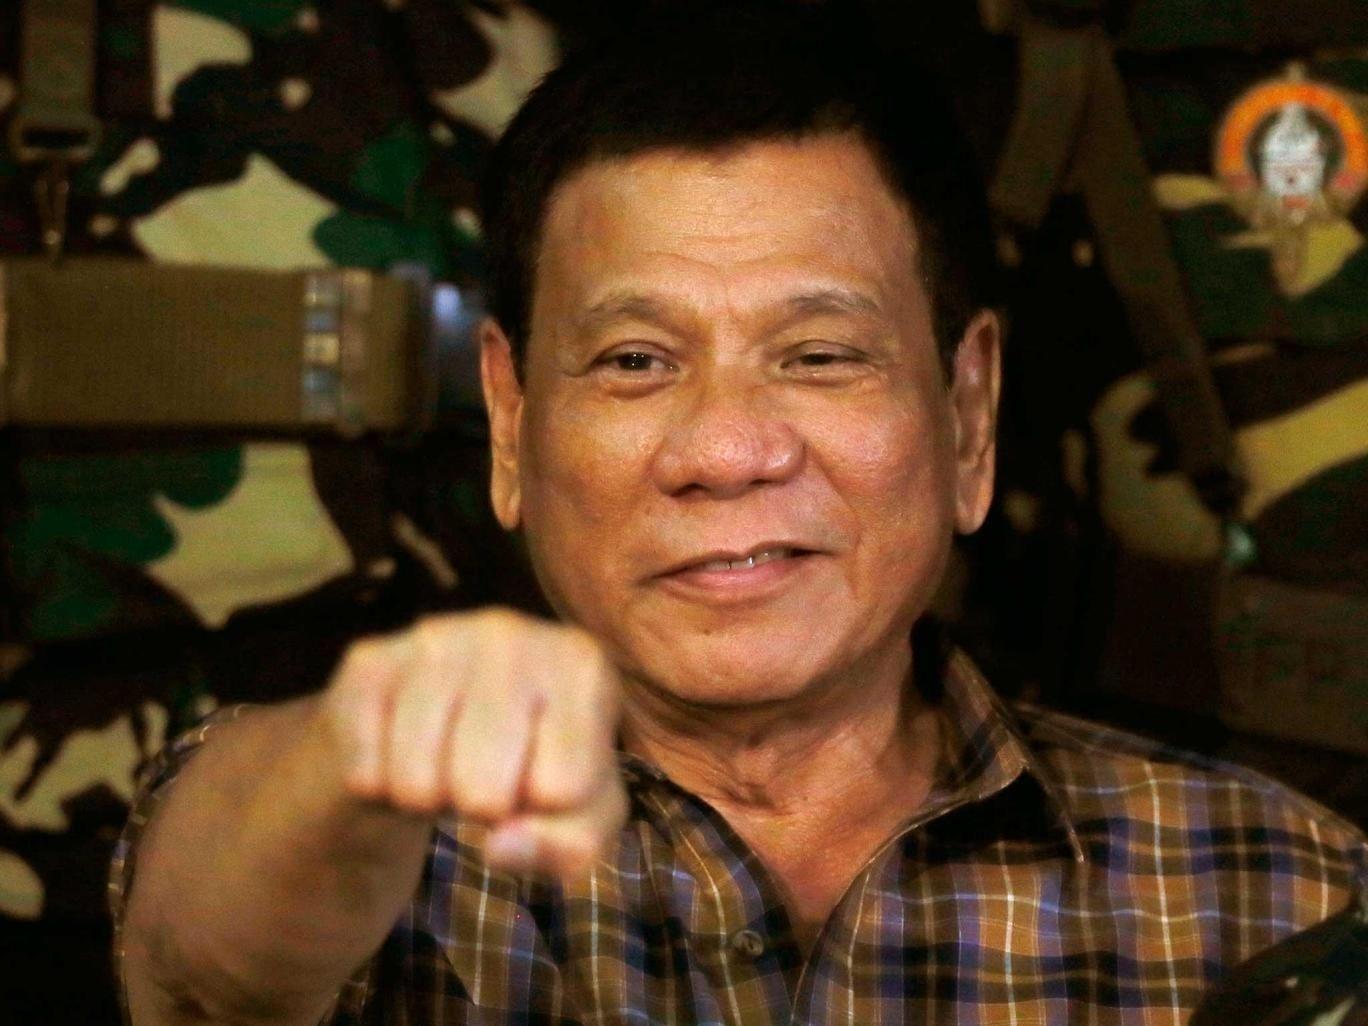 Филиппиний ерөнхийлөгч сүрдүүлсний дараа Канад улс хог хаягдлаа буцааж авахаар боллоо